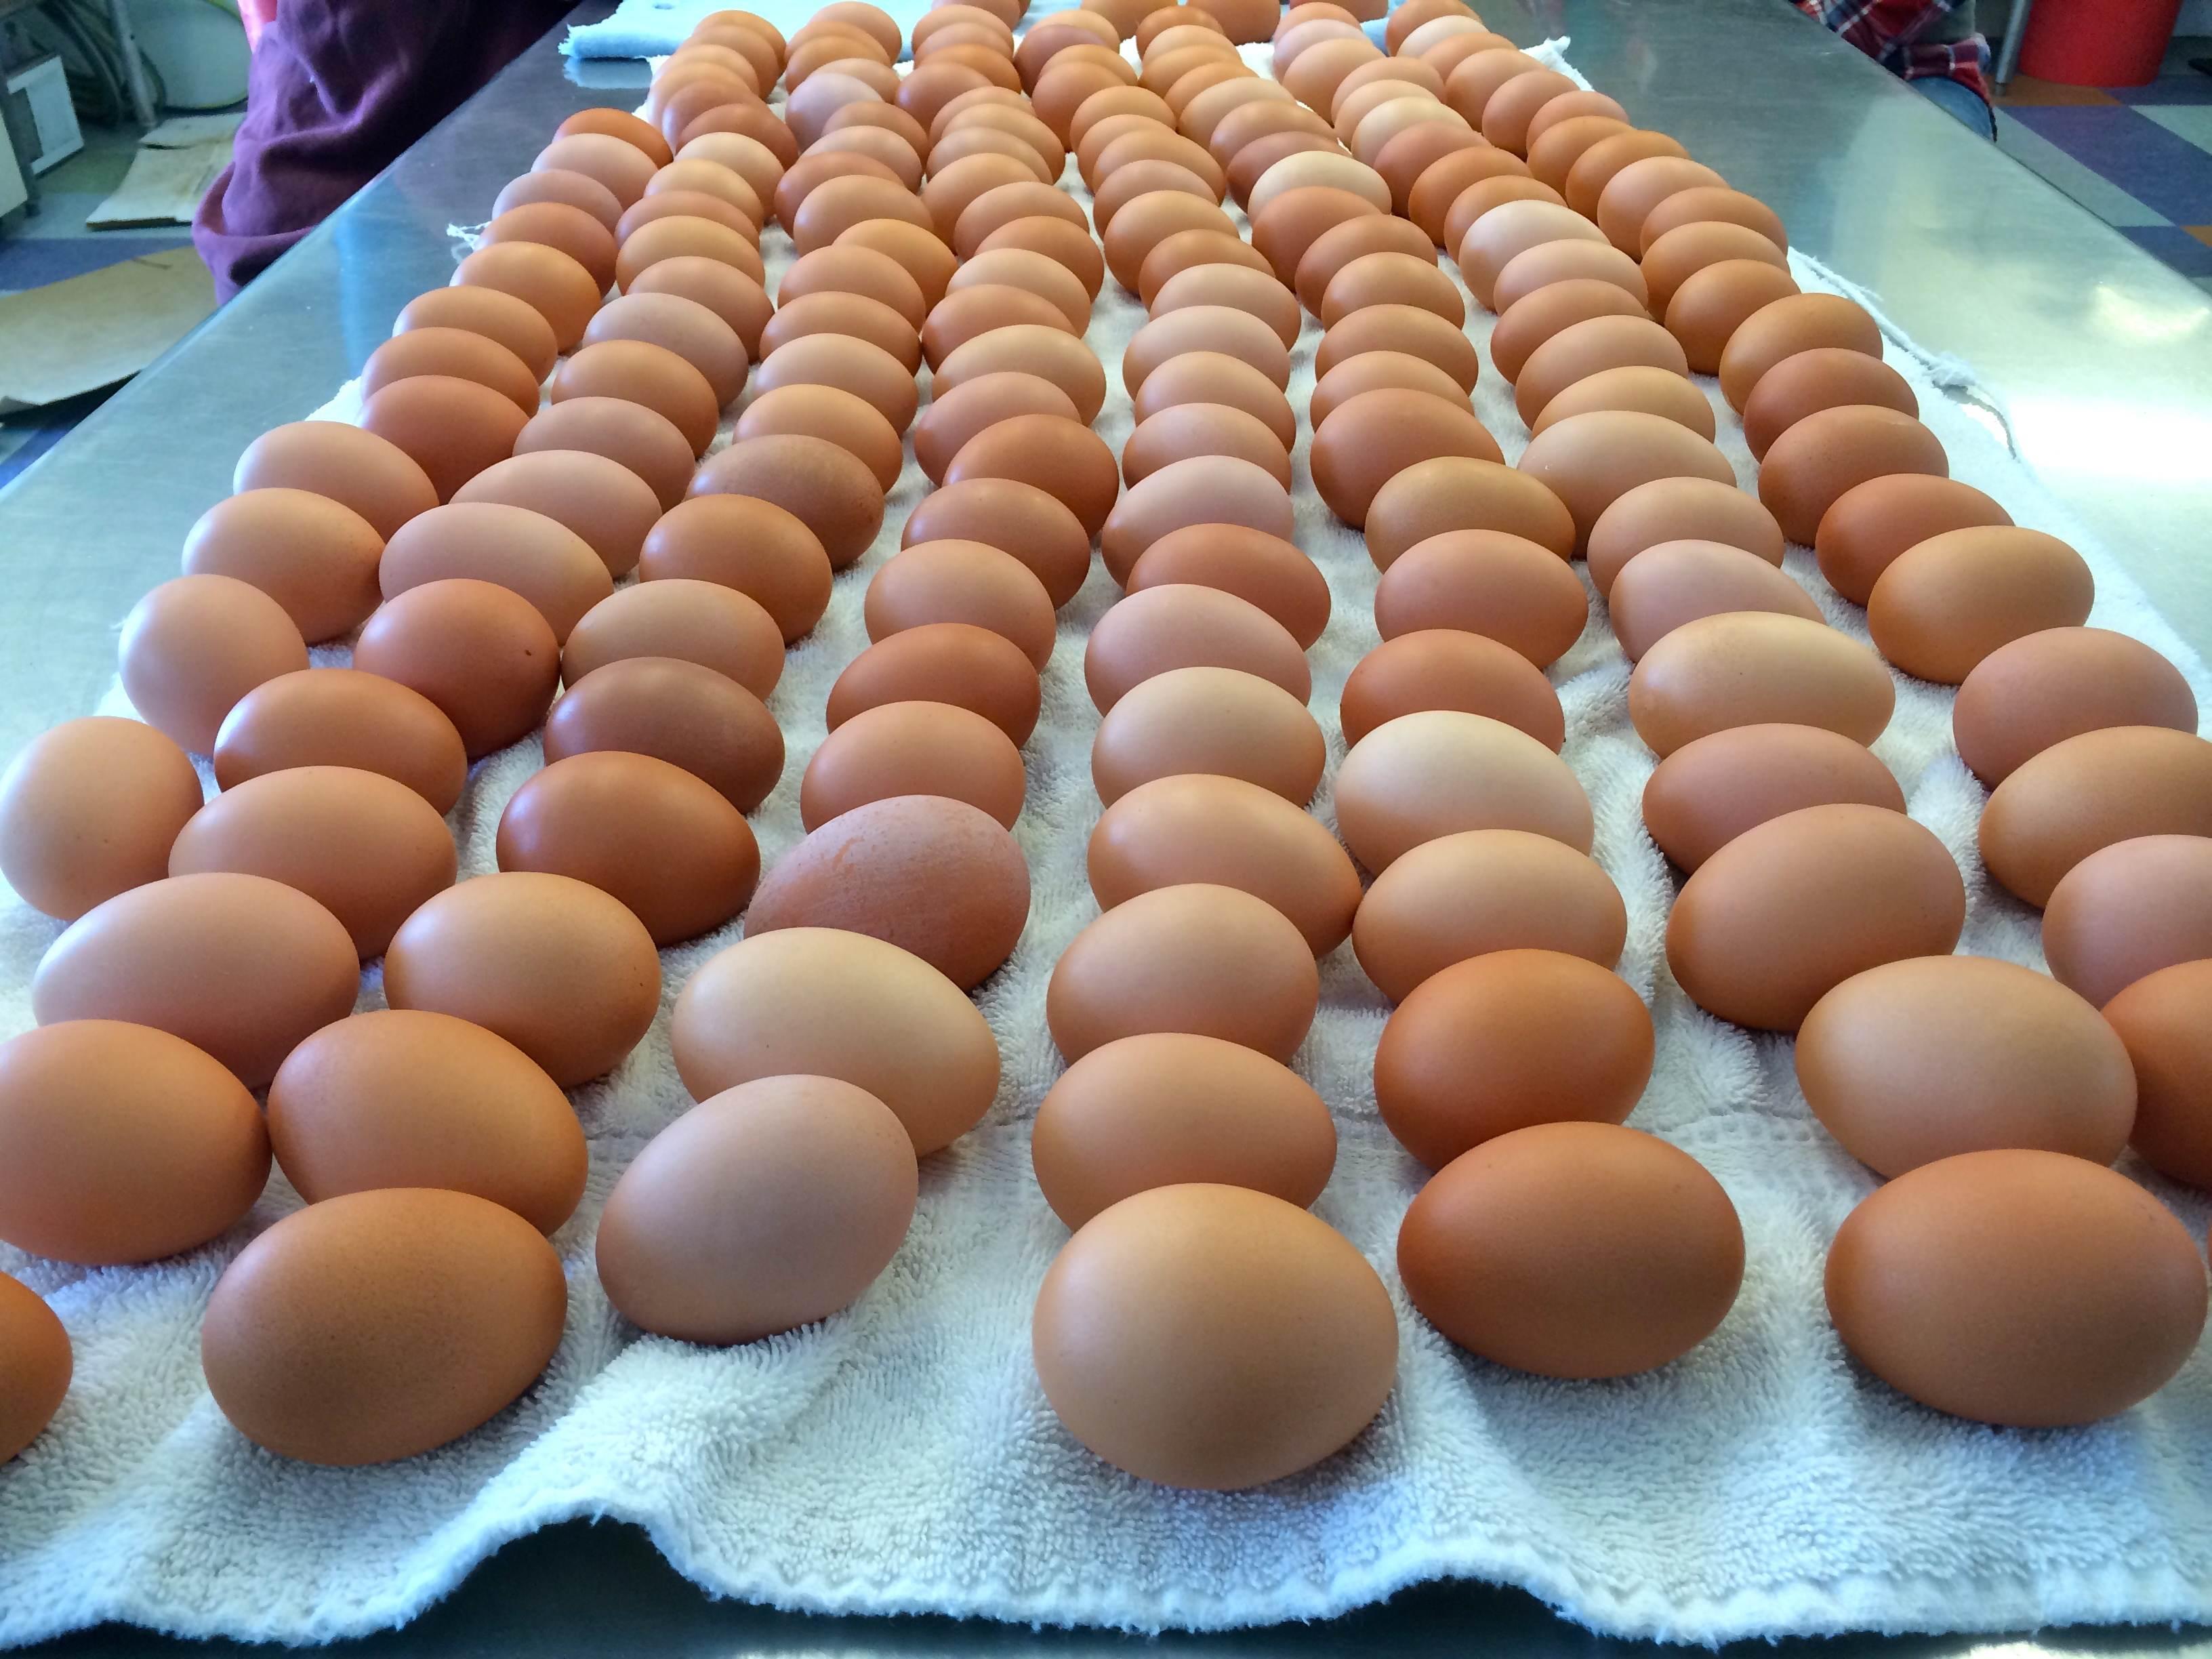 Egg Infinitum